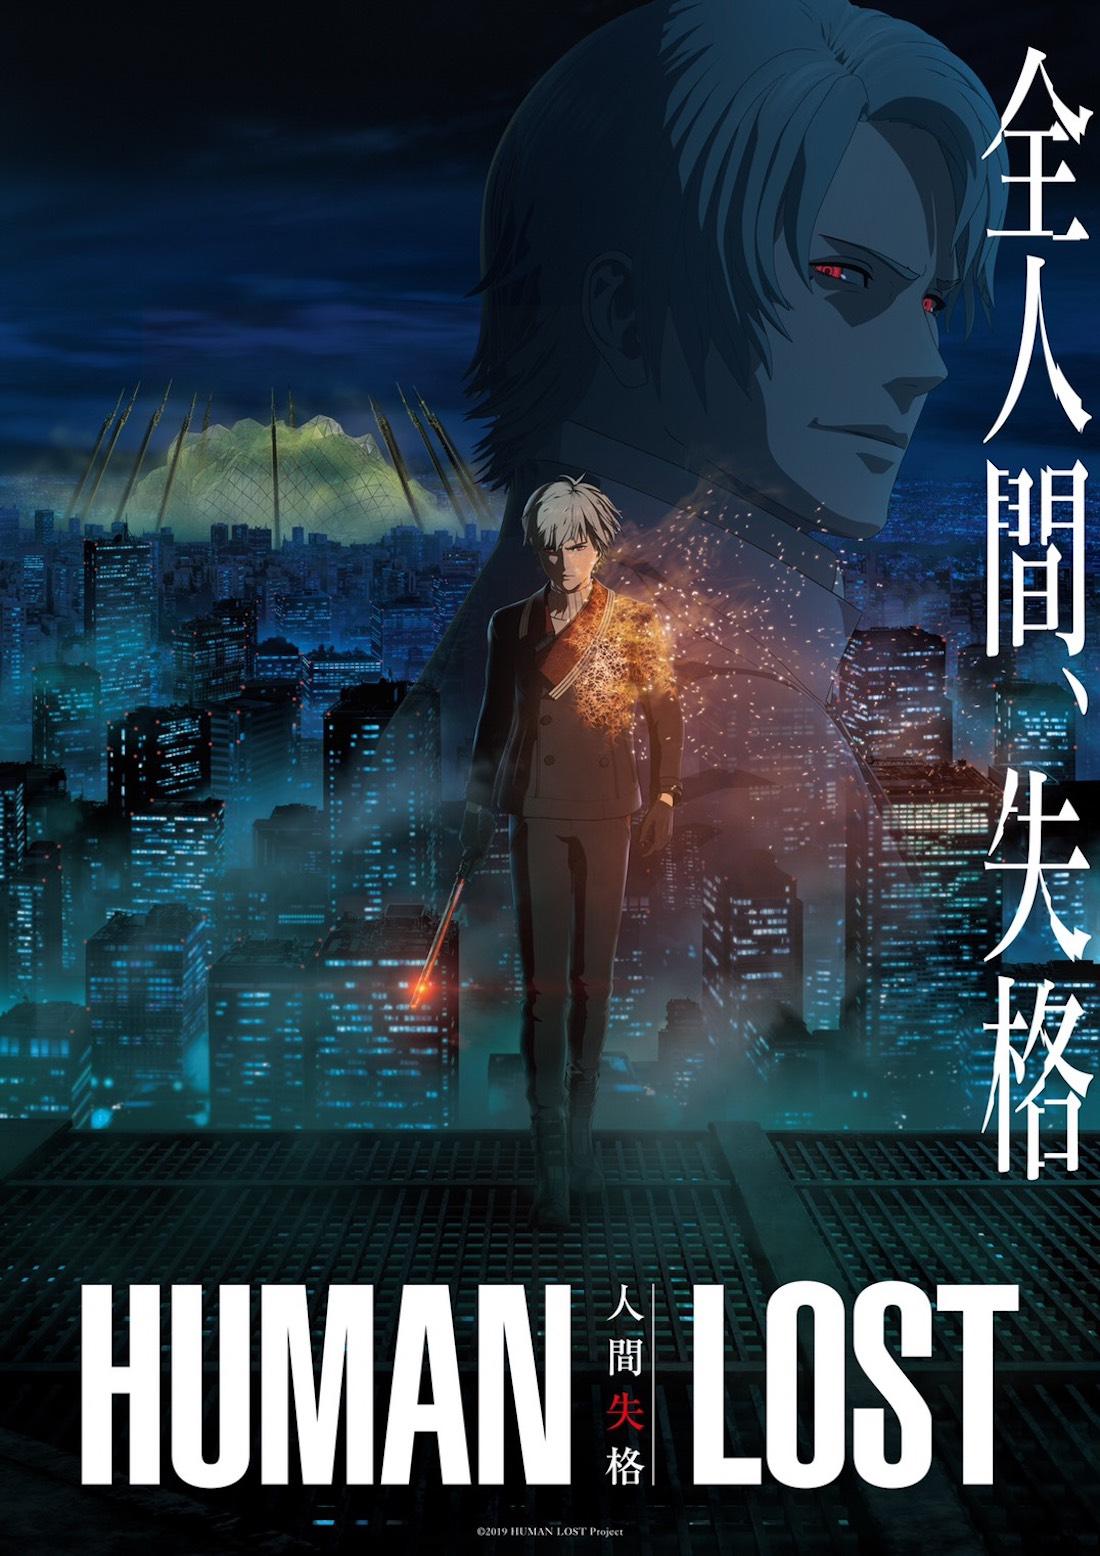 劇場アニメーション『HUMAN LOST 人間失格』最新キービジュアル ©2019 HUMAN LOST Project